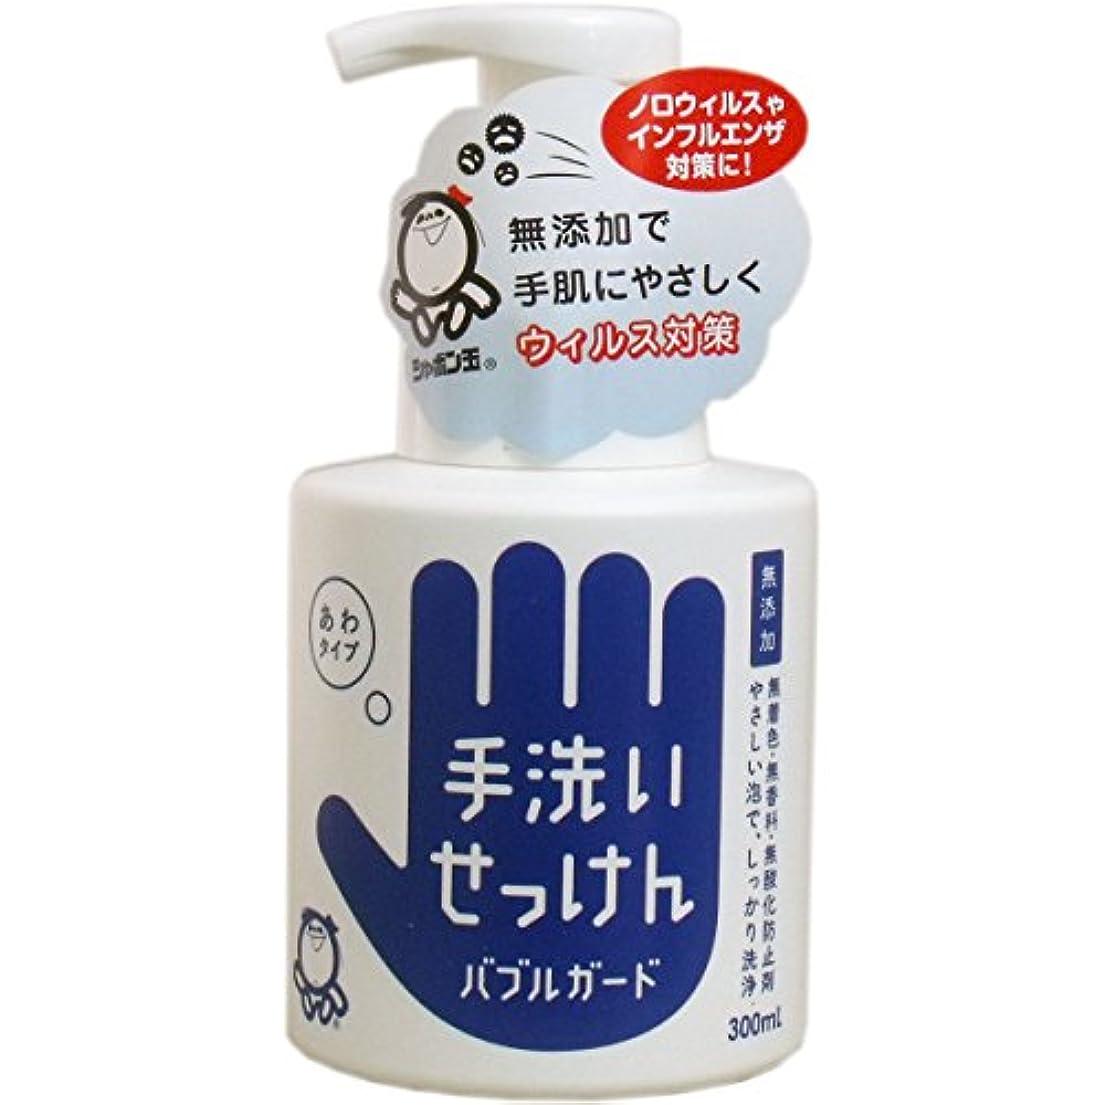 トロリーバス回答リラックス[シャボン玉石けん 1602793] (ケア商品)手洗いせっけん バブルガード 泡タイプ 本体 300ml